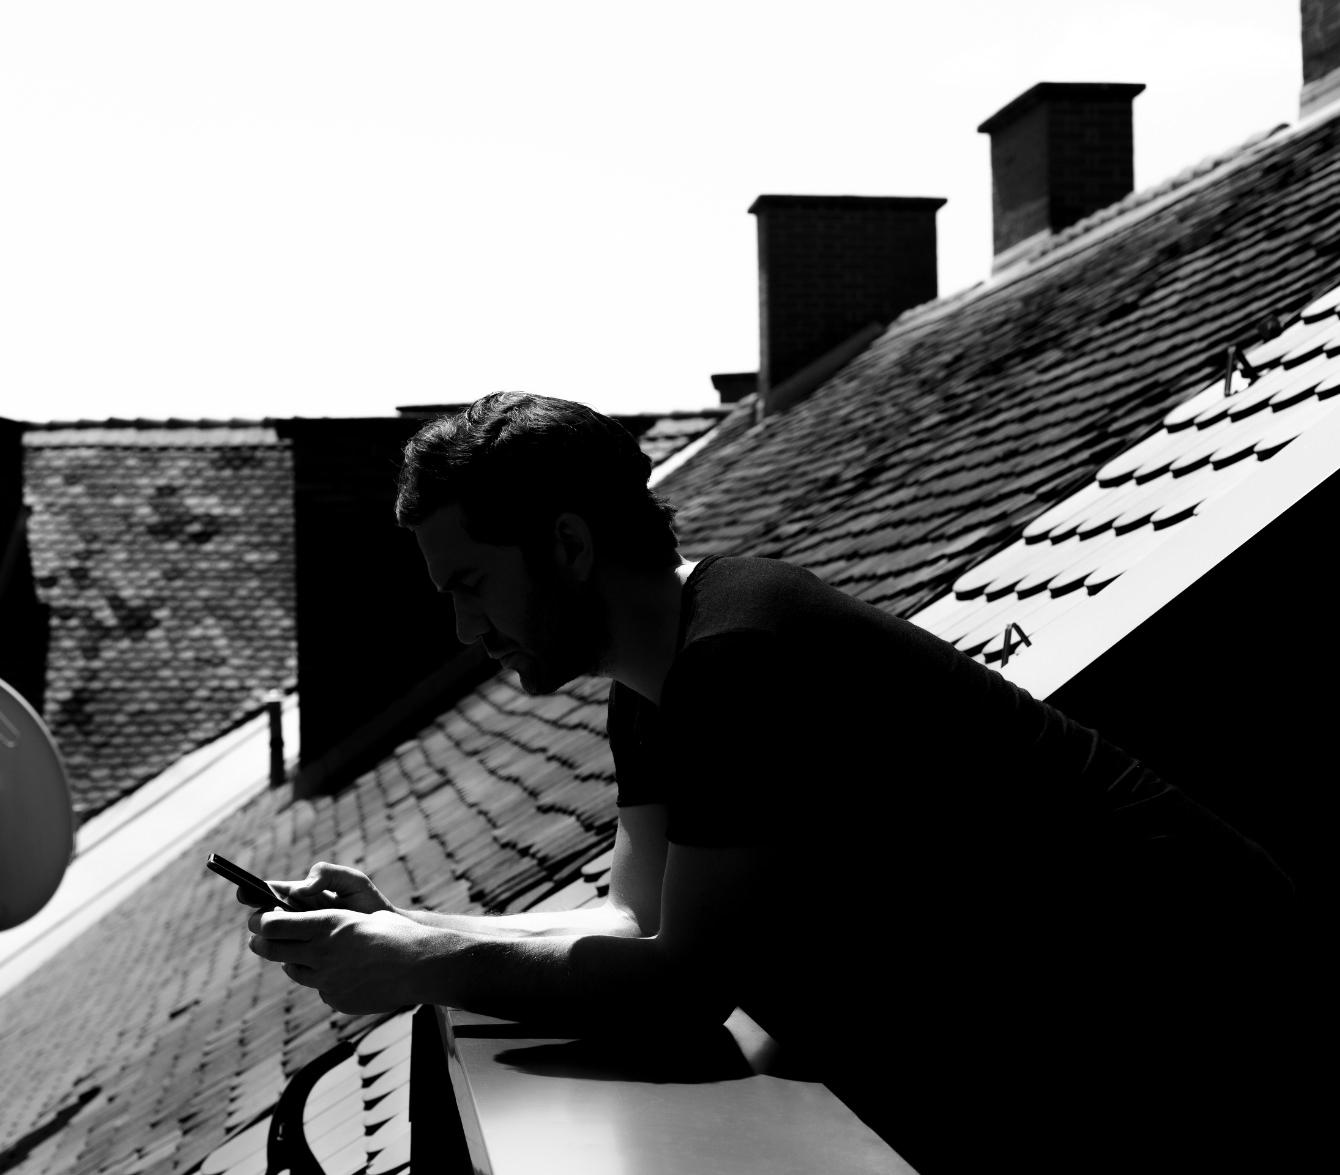 Conversory Mitarbeiter am Balkon lehnt am Geländer und tippt am Handy am Dach